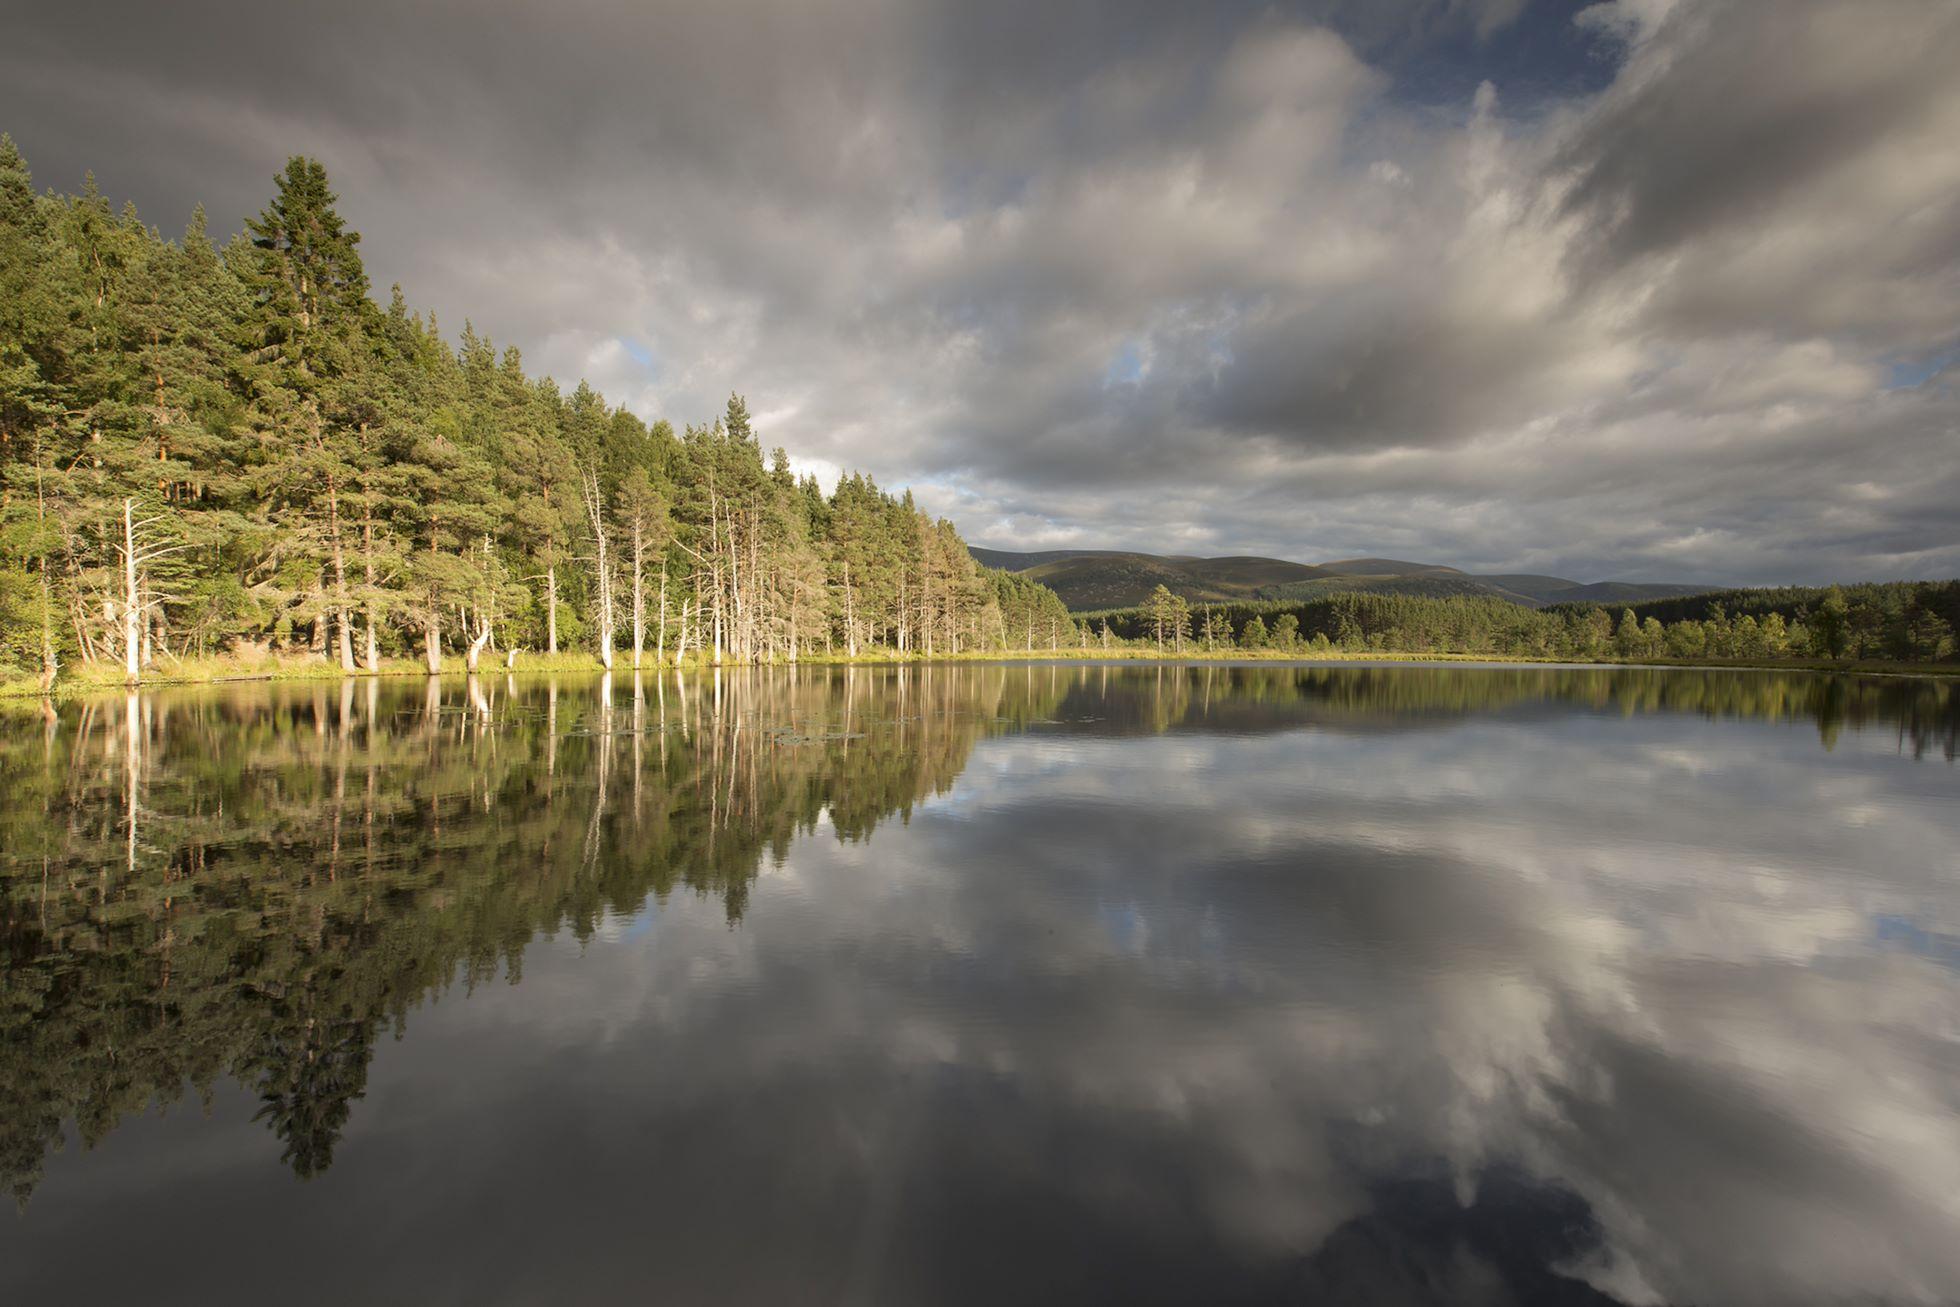 Uath Lochans in evening light, Glenfeshie, Scotland.